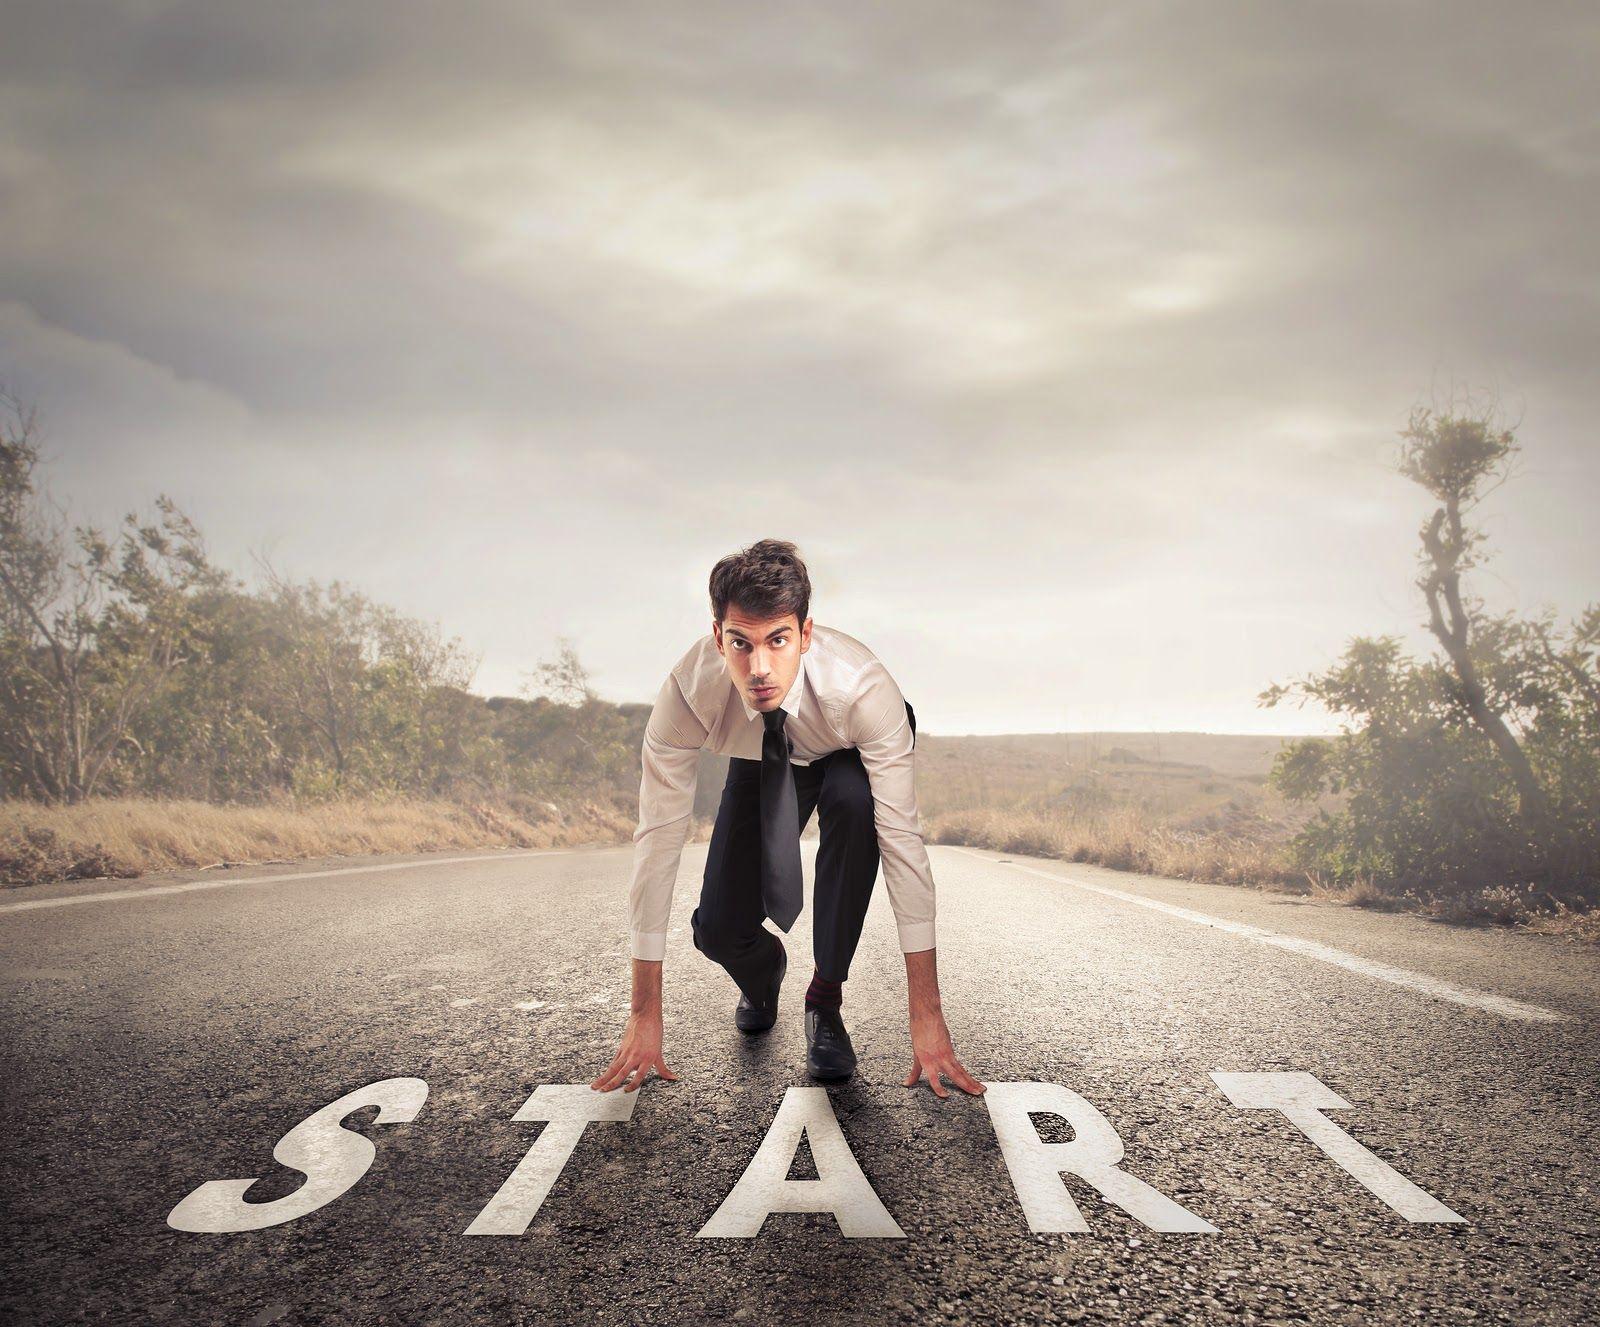 Cómo empezar un negocio de cero por internet? - http://franksaavedra ...